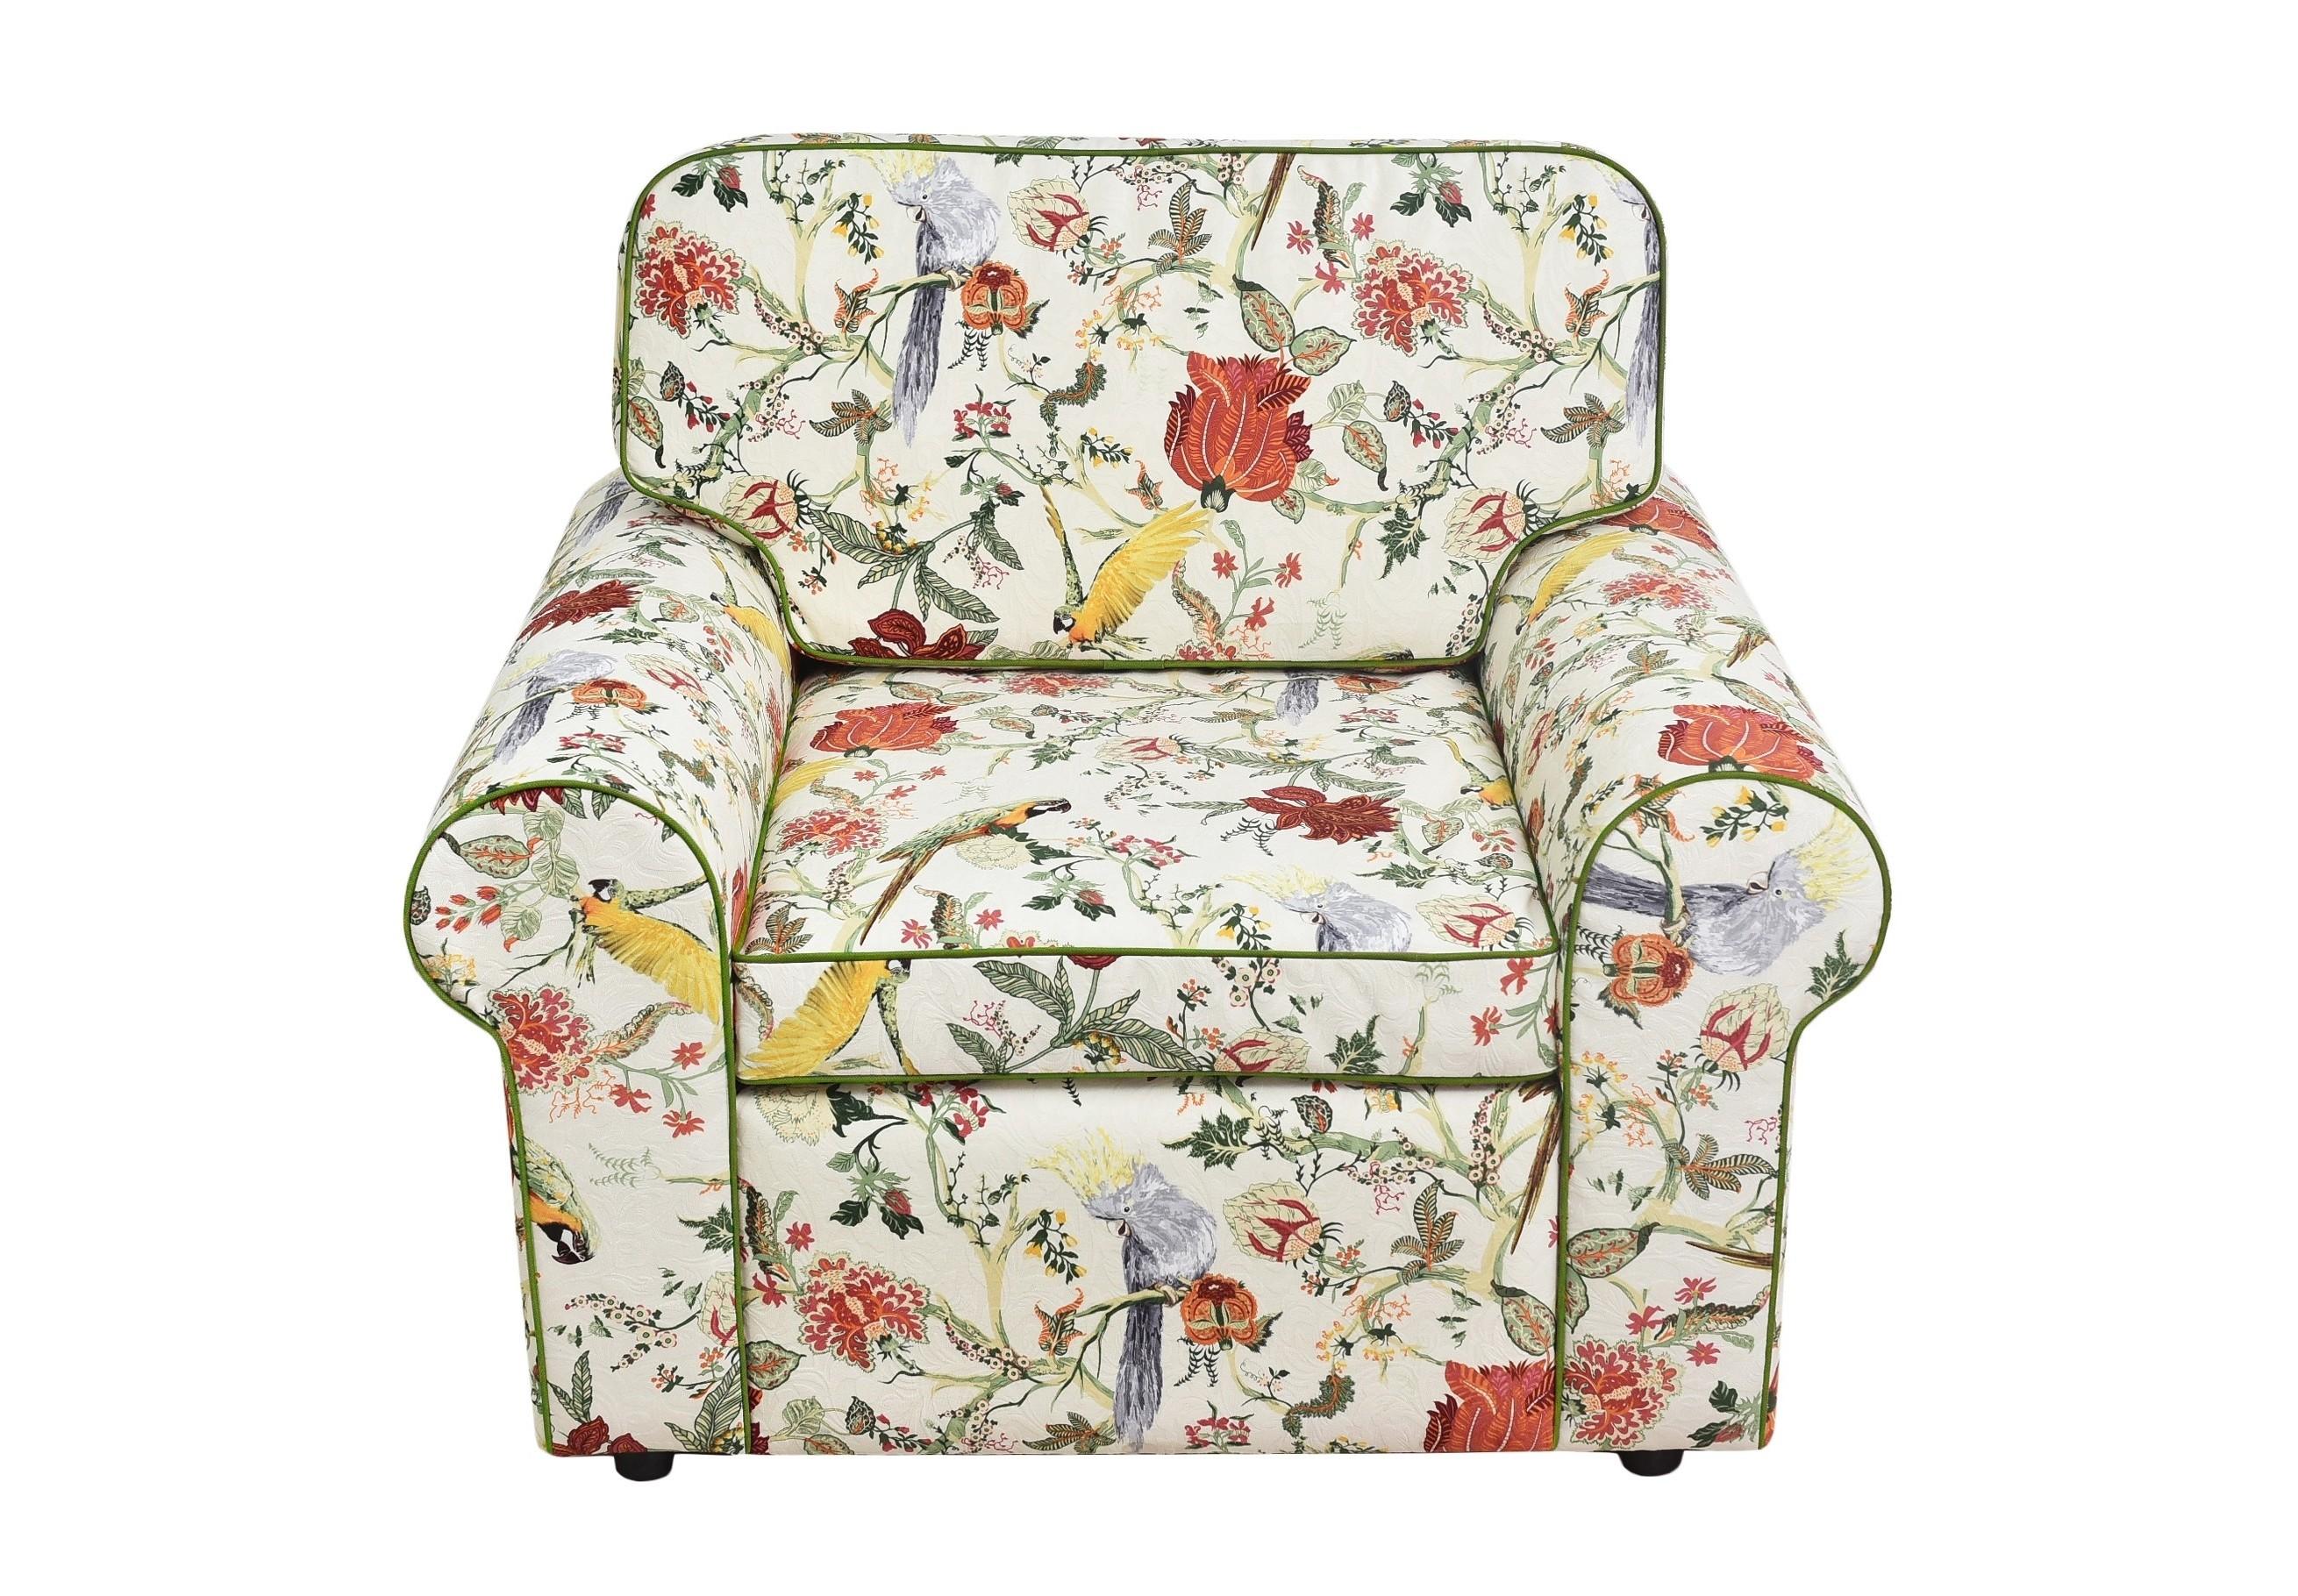 КреслоИнтерьерные кресла<br>Цветы добавляют интерьеру гармонии и уюта, поднимают настроение и, наконец, это просто красиво.  С этим креслом ваша квартира &amp;quot;оживет&amp;quot;, наполнится энергией и станет уютнее. Простой элегантный дизайн подойдет как кантри, так и английскому стилю.<br><br>Material: Текстиль<br>Length см: None<br>Width см: 110<br>Depth см: 60<br>Height см: 90